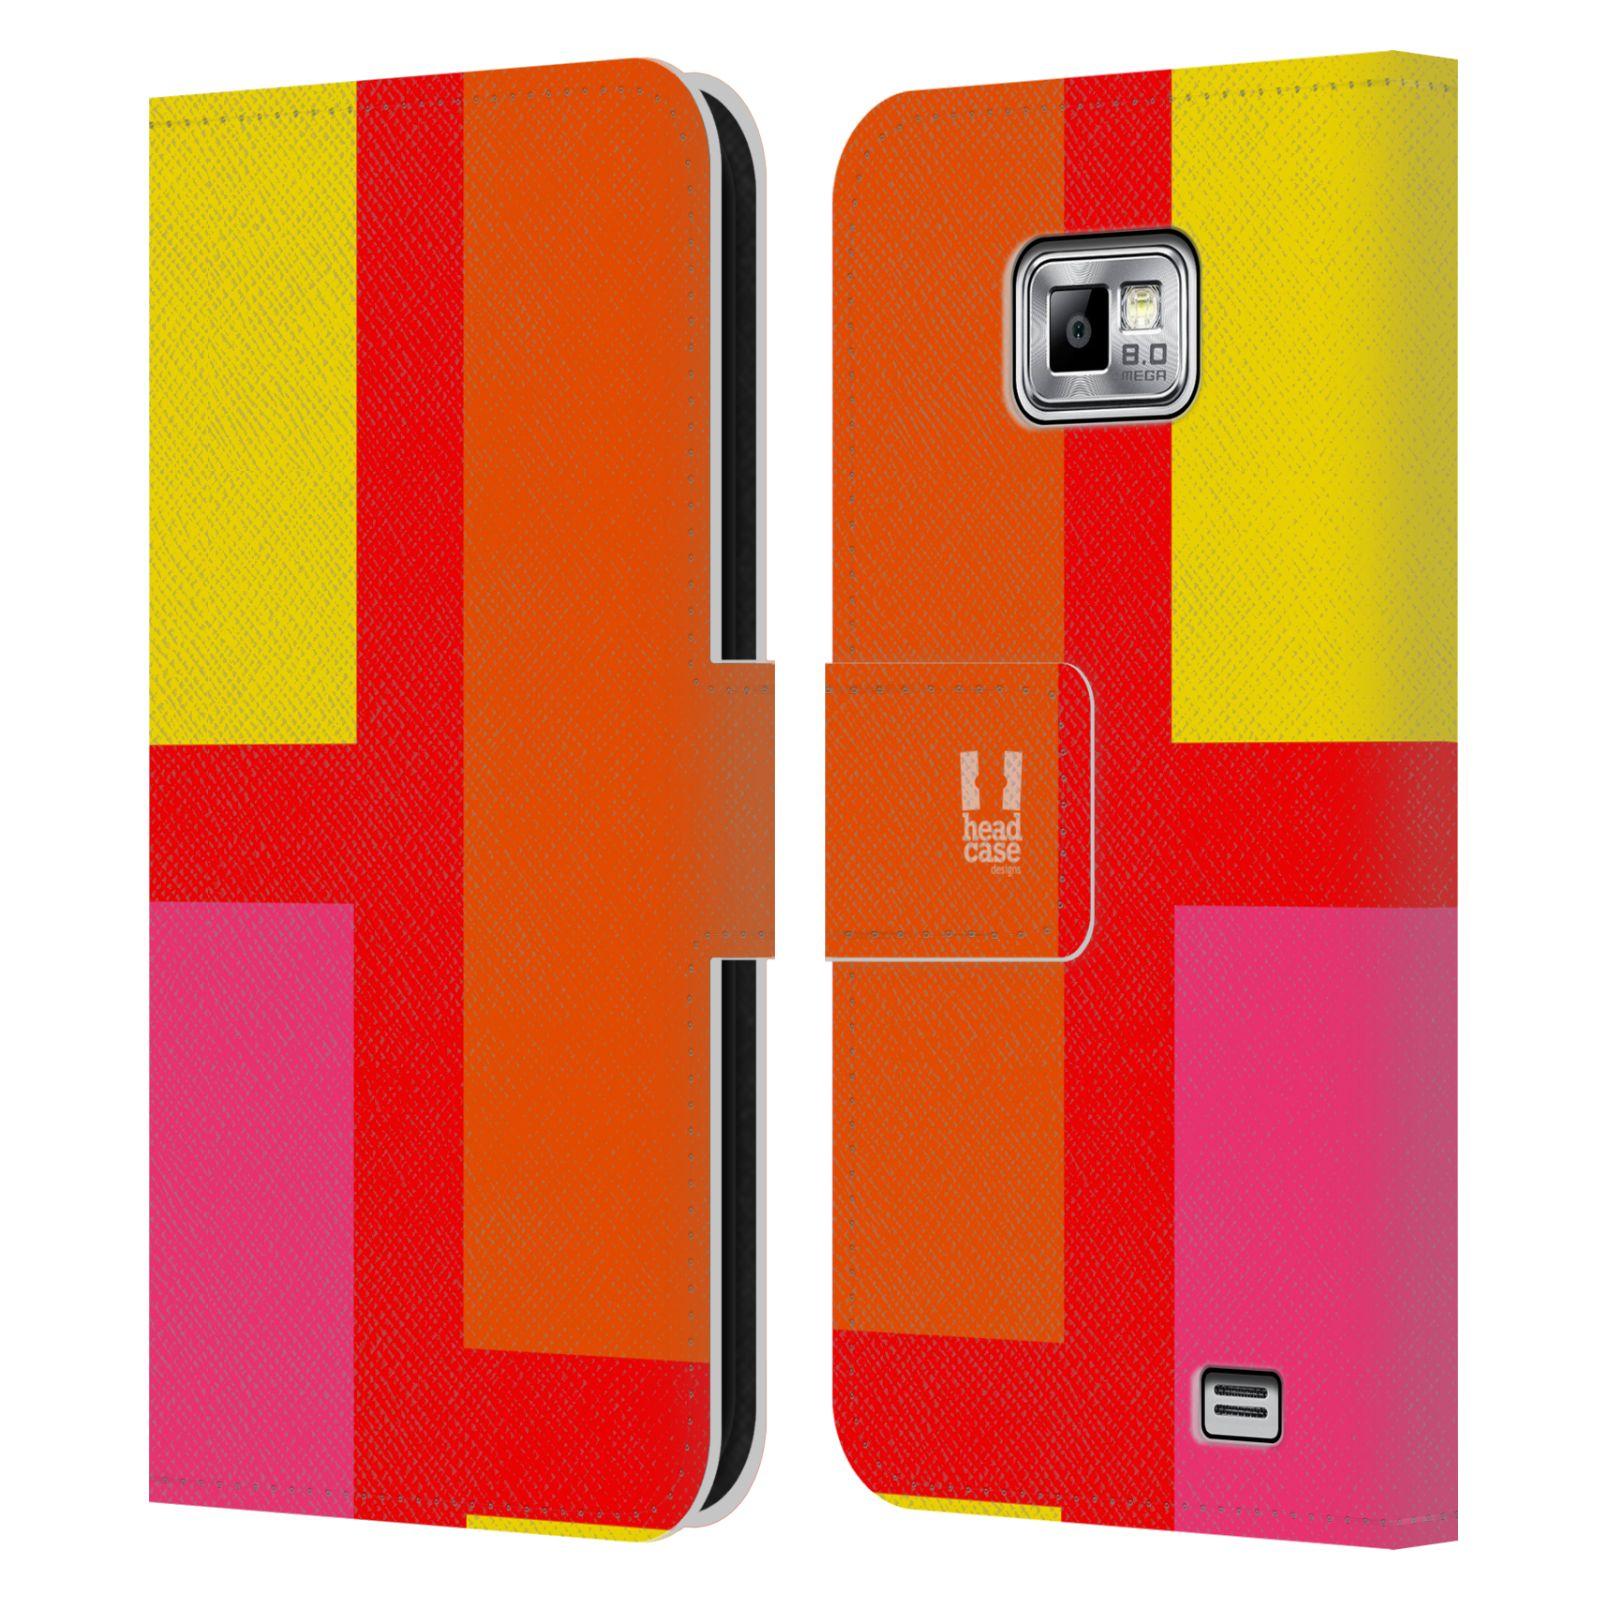 HEAD CASE Flipové pouzdro pro mobil Samsung Galaxy S2 i9100 barevné tvary oranžová ulice